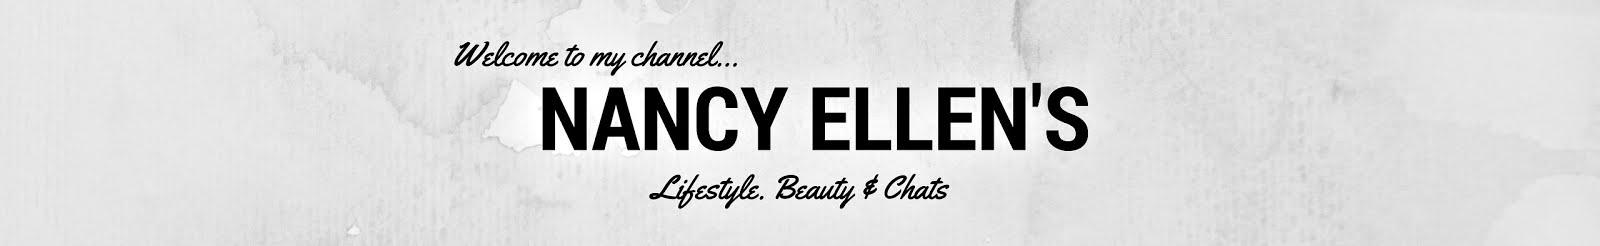 Nancy Ellen's